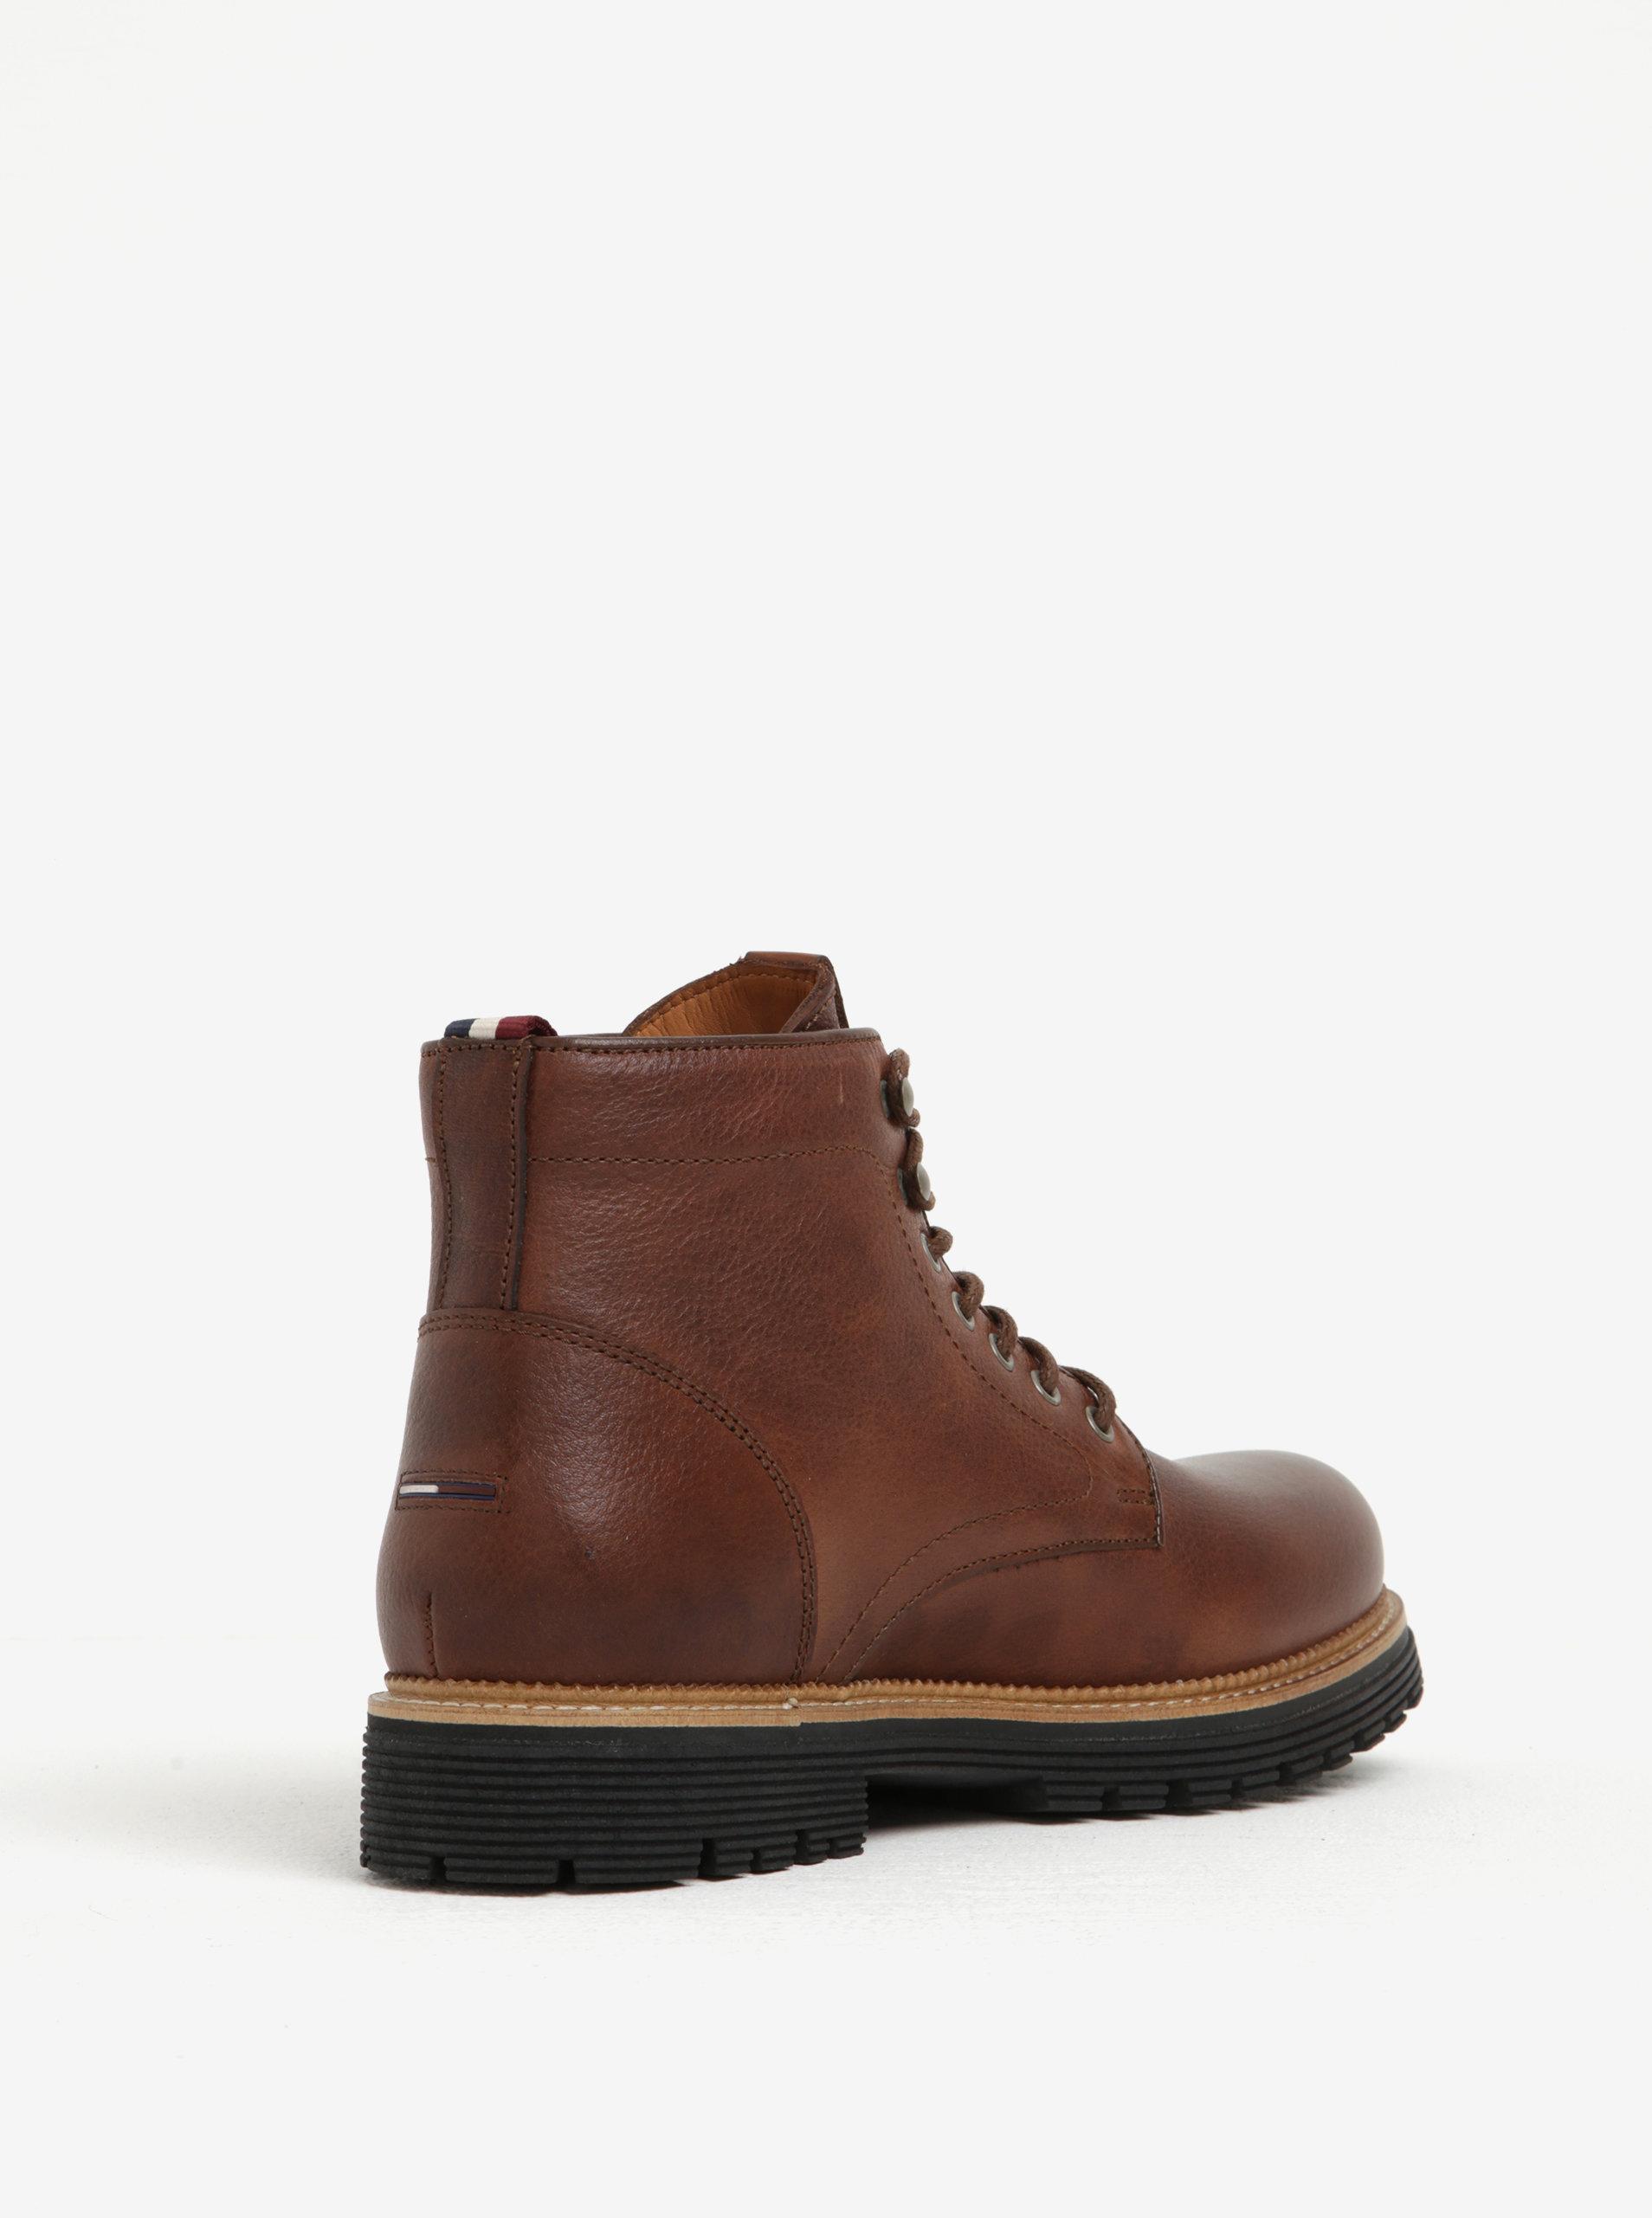 9cbfe354248 Hnědé pánské kožené kotníkové boty Tommy Hilfiger Louis ...